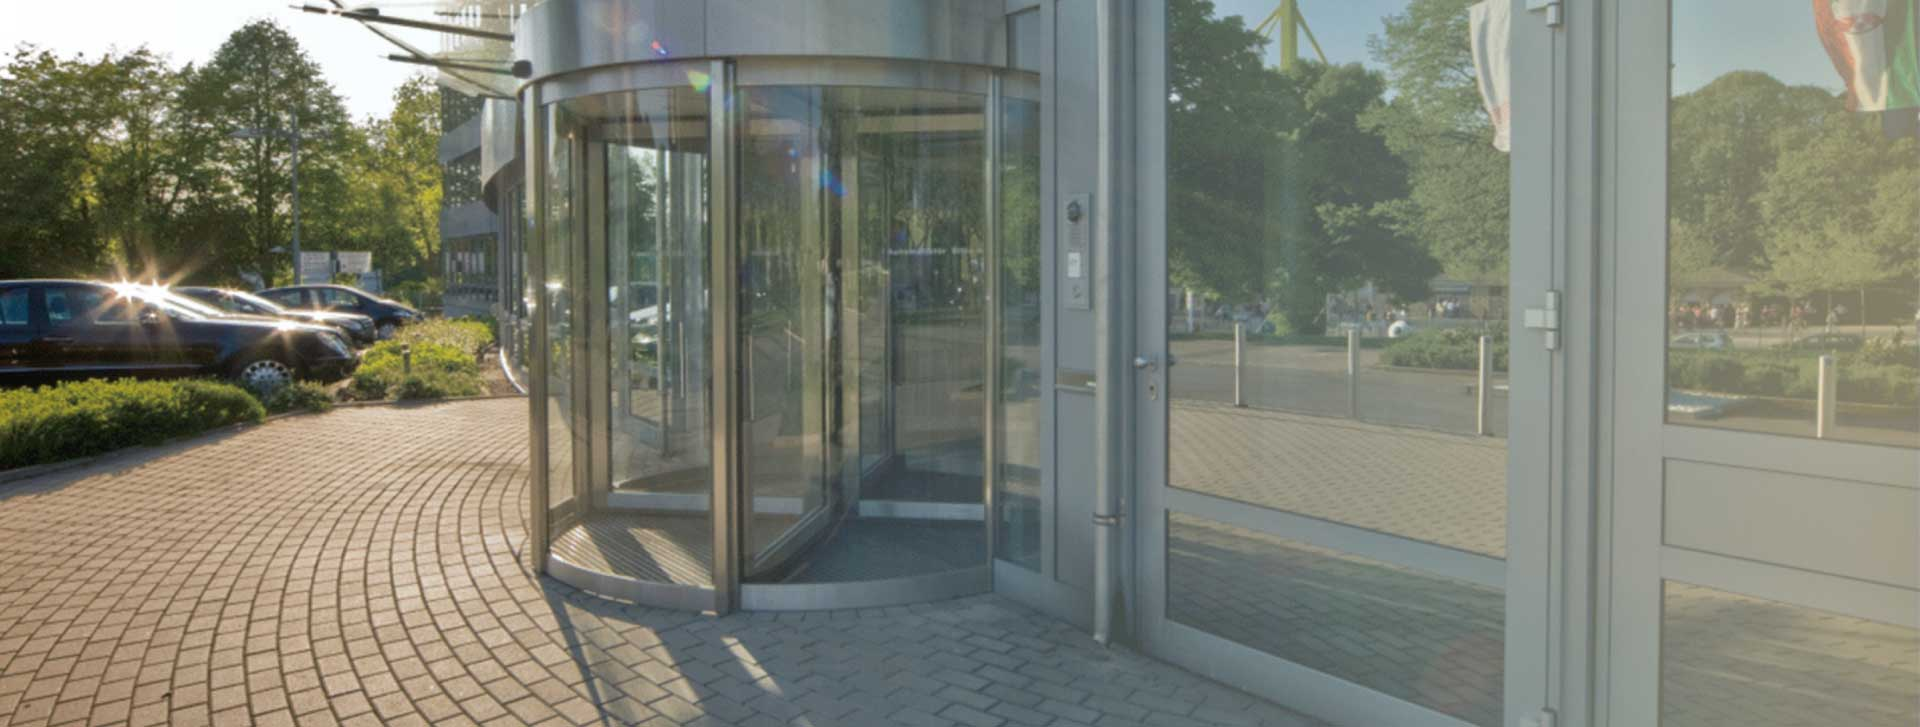 דלתות מסתובבות מזכוכית